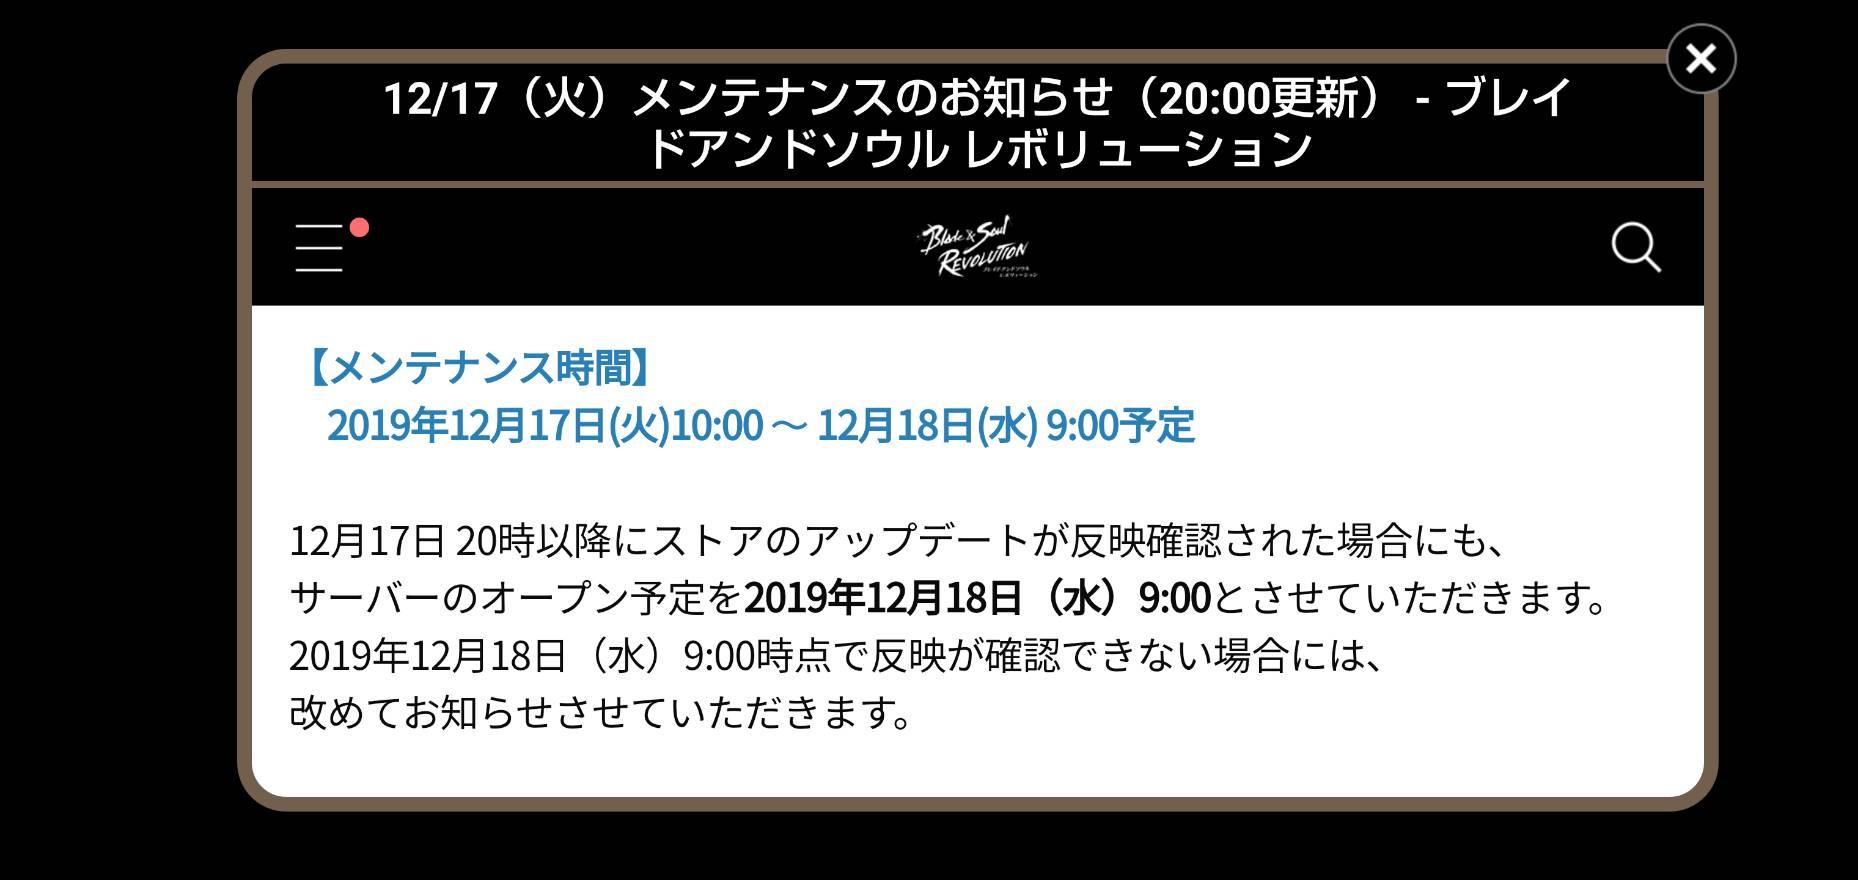 【ブレレボ】攻略&晒しスレ  メンテナンス12/18まで延長確定! 明日まで待てない引退者が・・・続出!